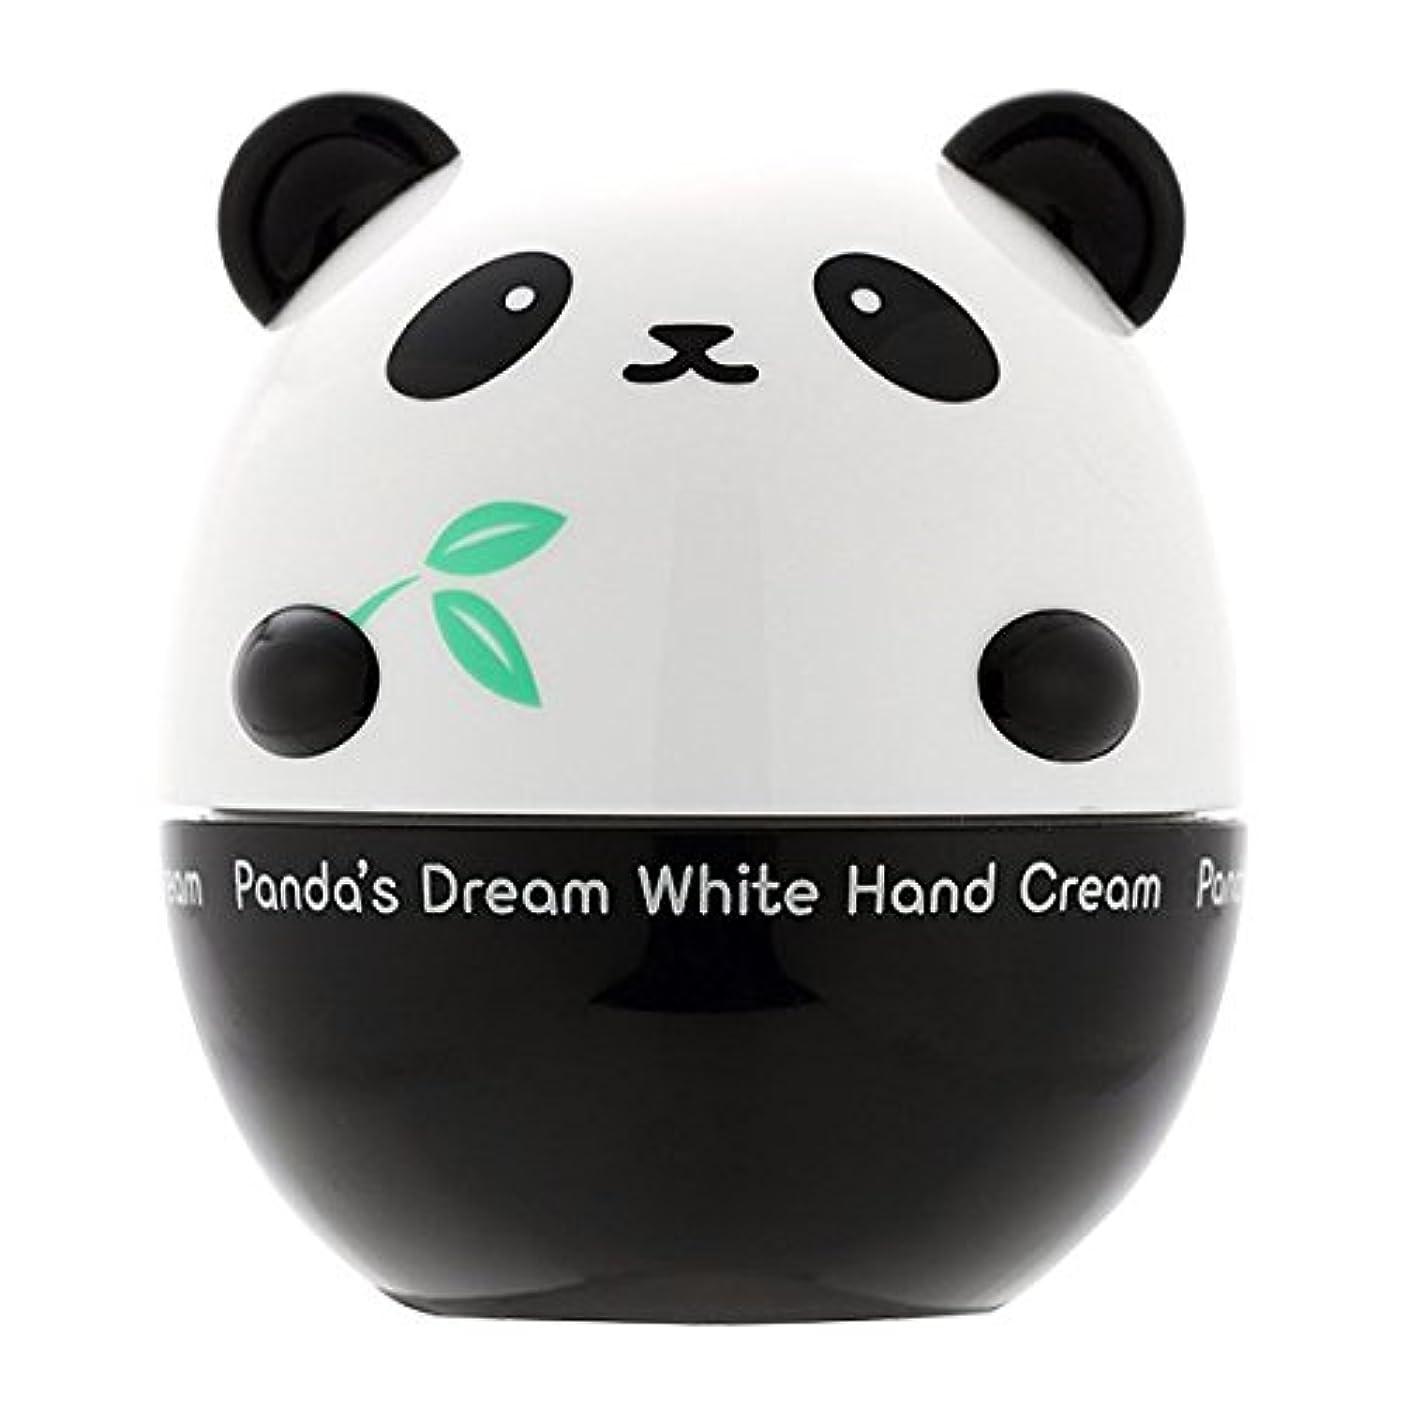 実験室ガイド海賊TONYMOLY パンダのゆめ ホワイトマジッククリーム 50g Panda's Dream White Magic Cream 照明クリームトニーモリー下地の代わりに美肌クリーム美肌成分含有 【韓国コスメ】トニーモリー